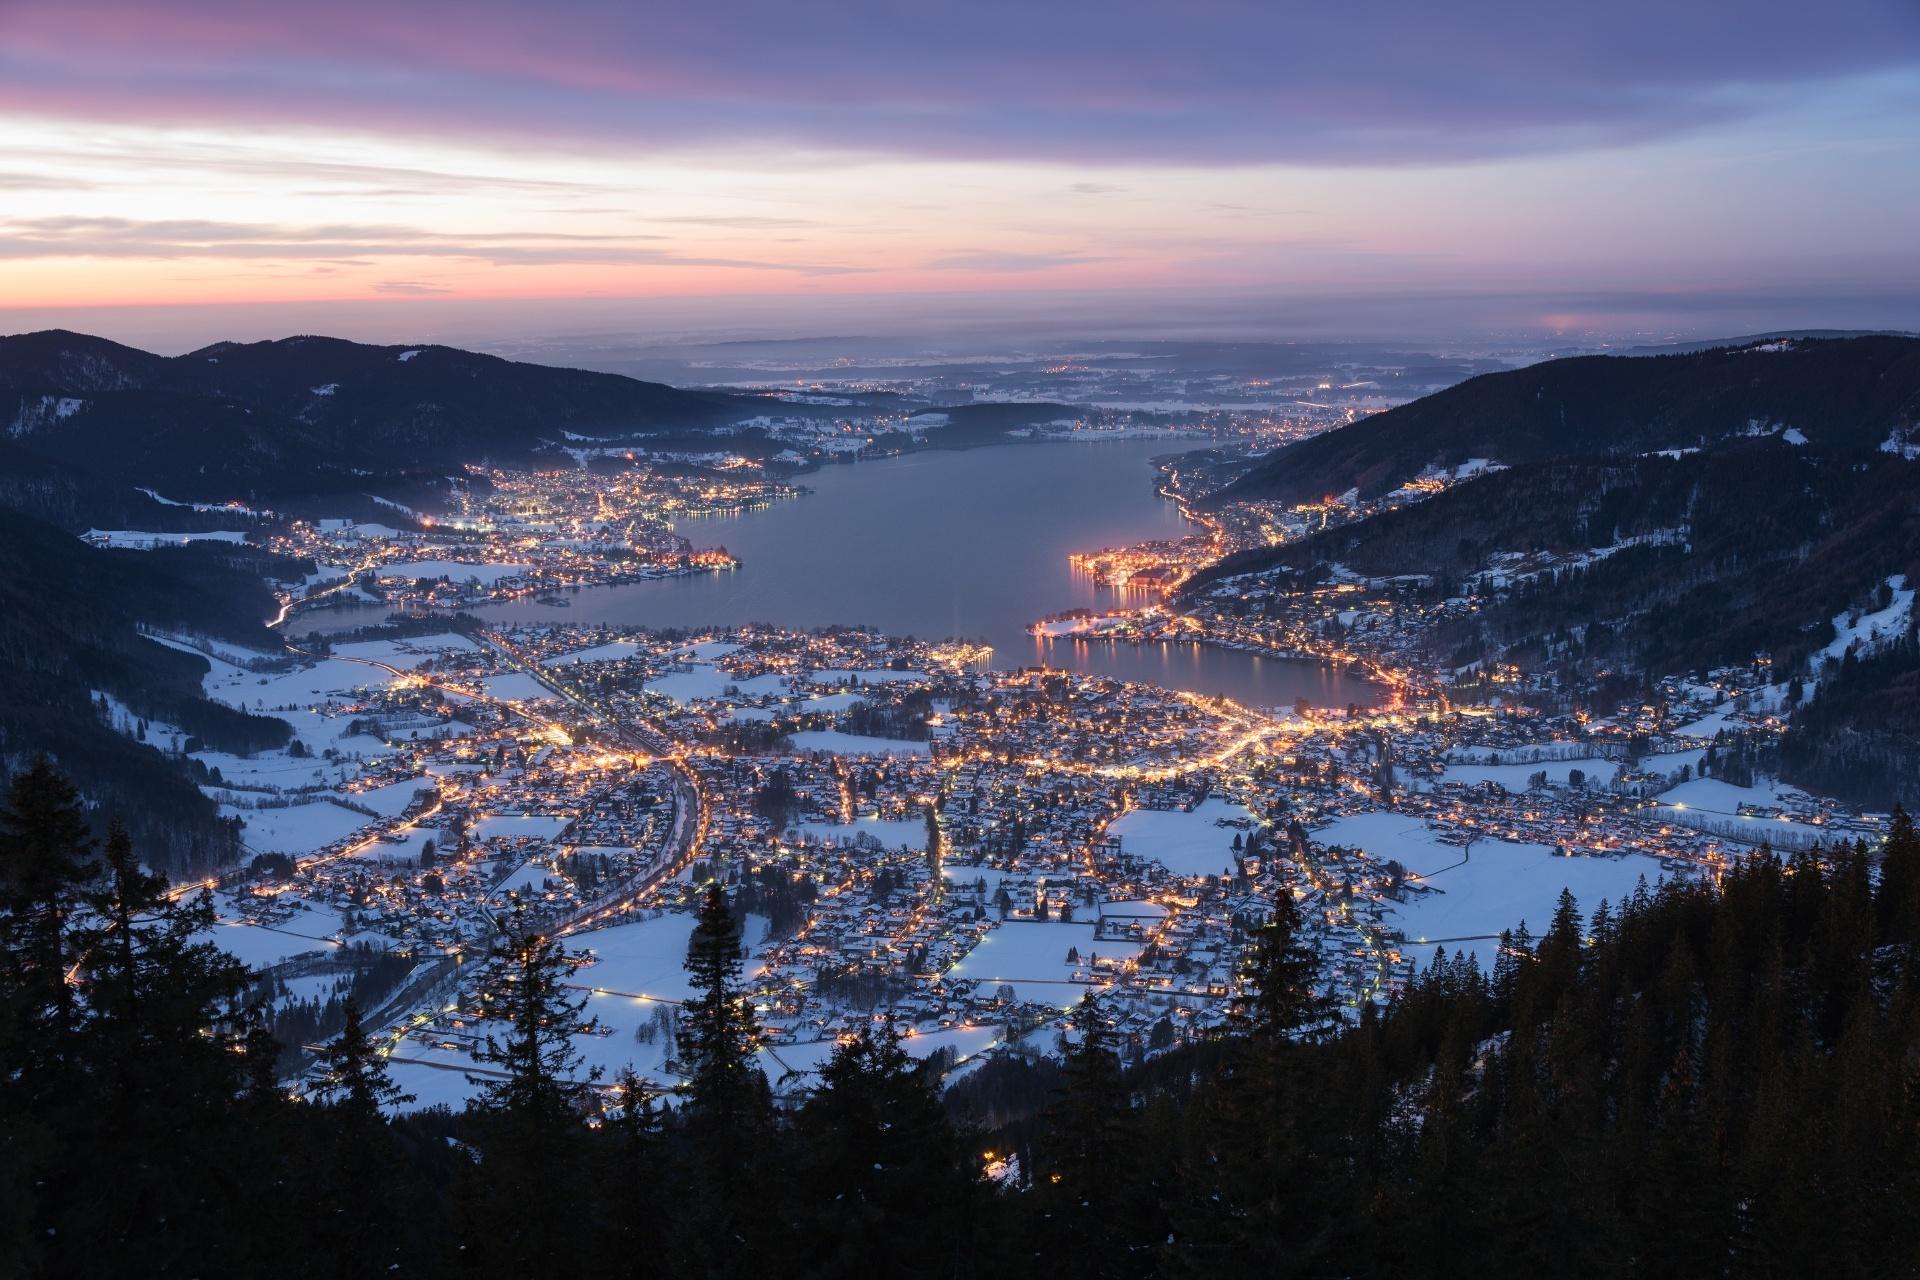 冬の夕暮れのテーゲルン湖 ドイツの風景